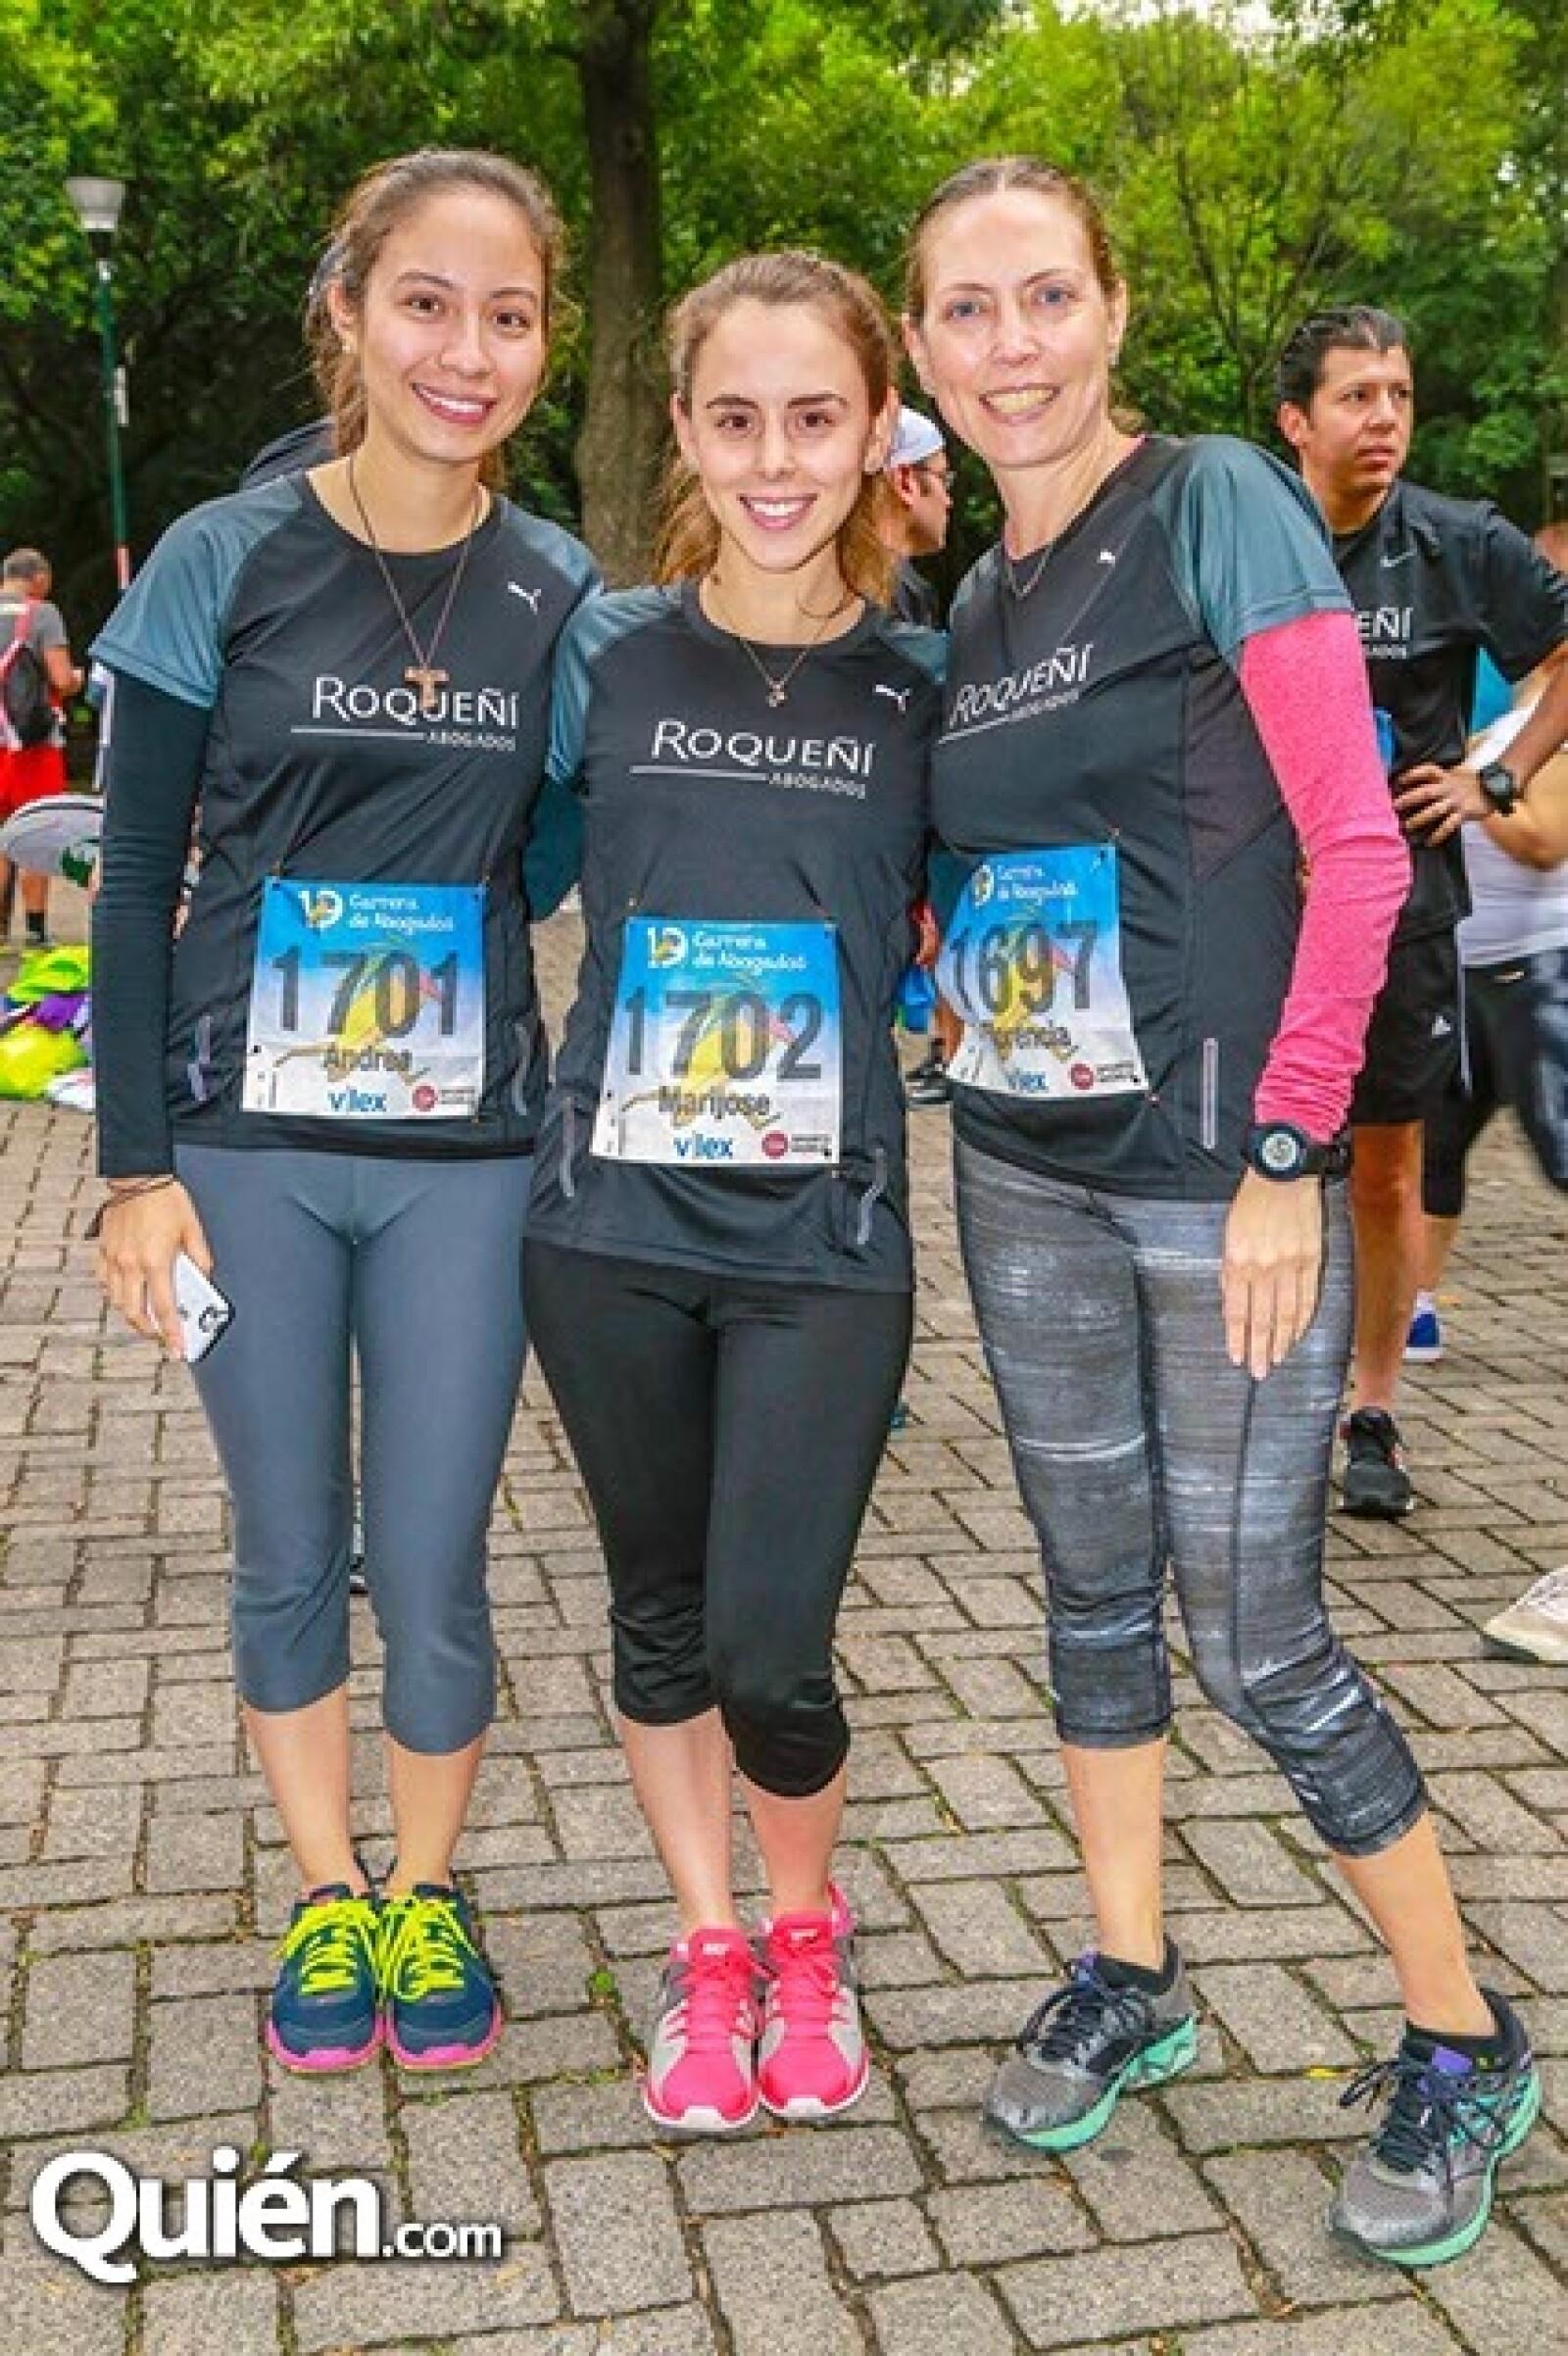 Andrea Godínez,María José Bautista y Florencia Zorrilla